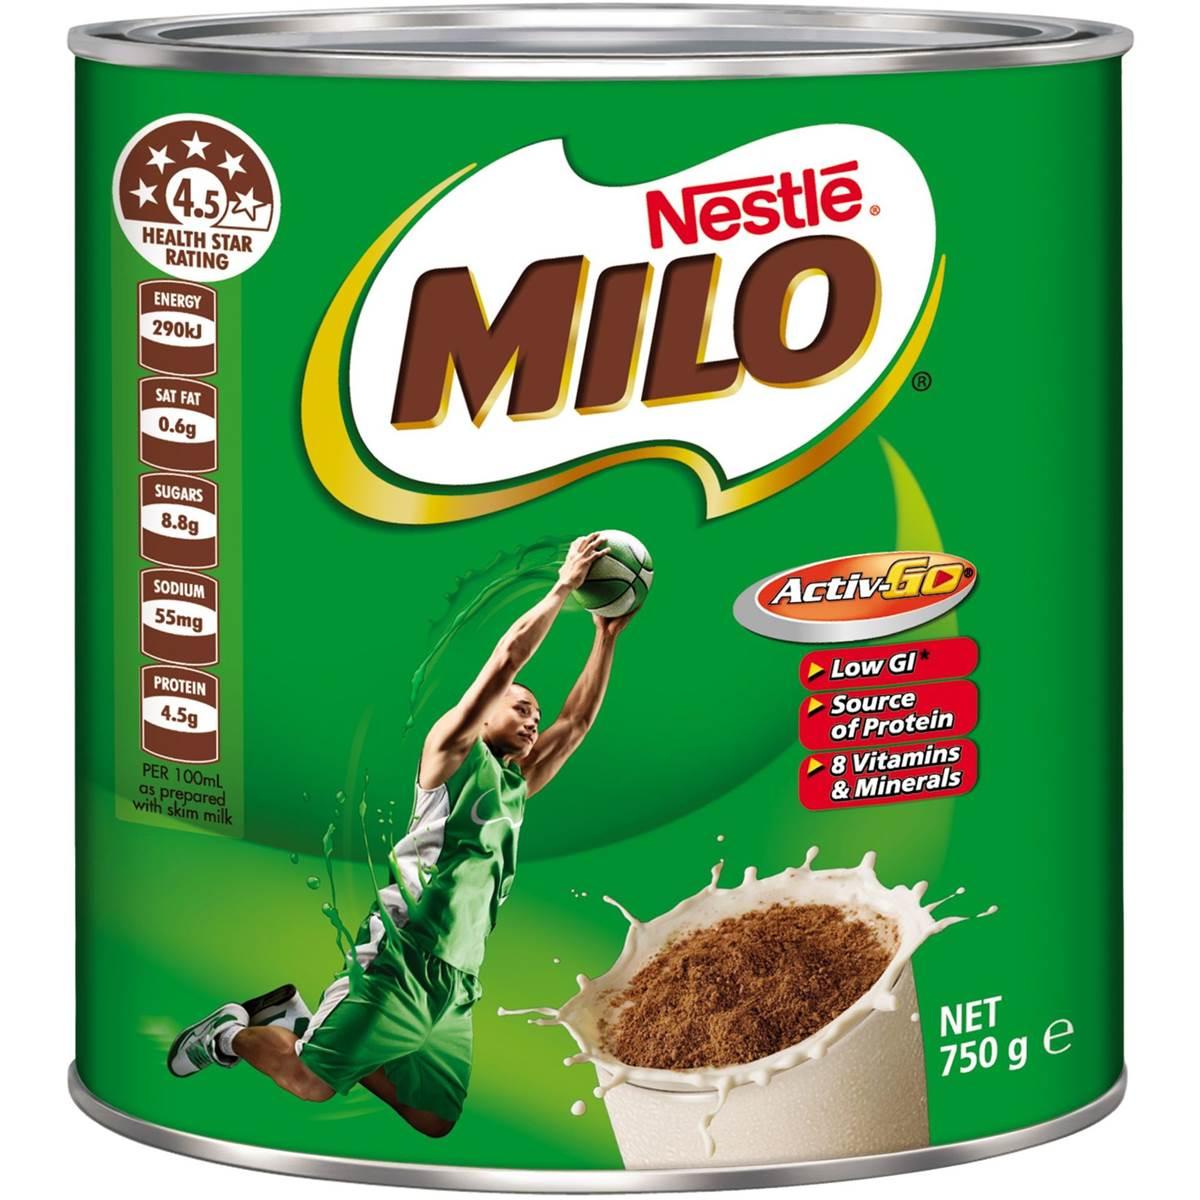 Nestle Milo Active-Go 750g